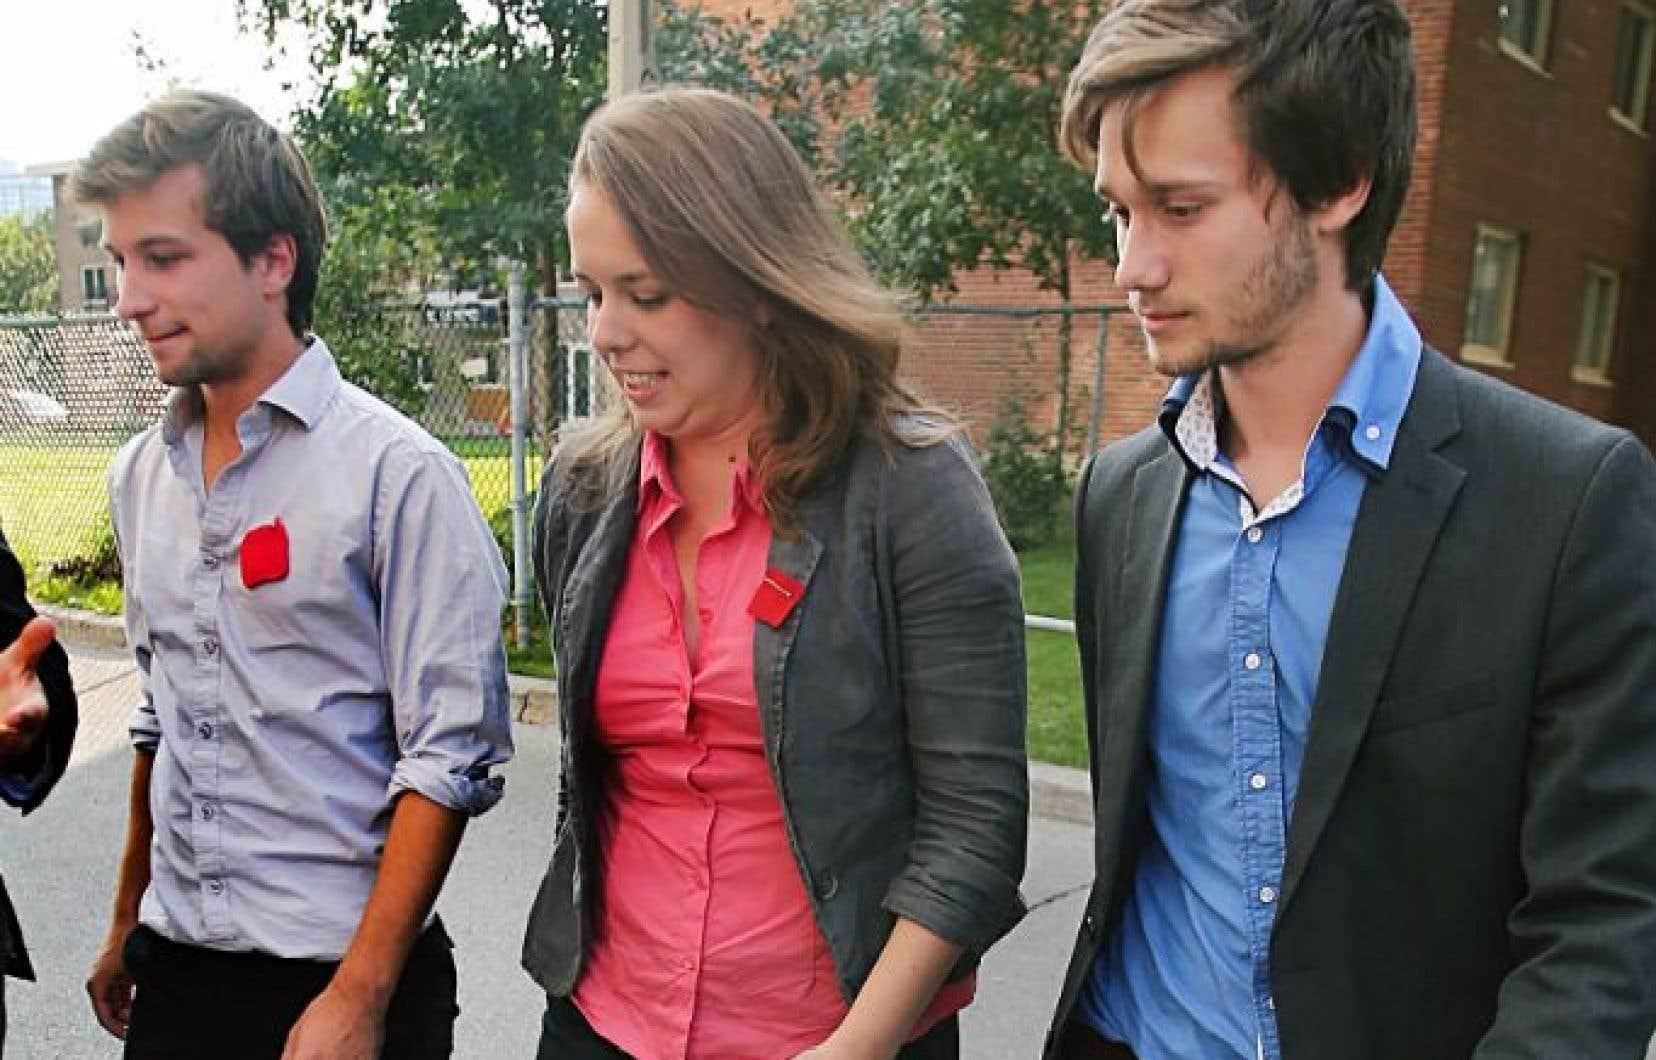 Des trois leaders étudiants du conflit de 2012, Gabriel Nadeau-Dubois aura été le dernier à faire le saut en politique. On le voit ici avec Martine Desjardins et Léo Bureau-Blouin.